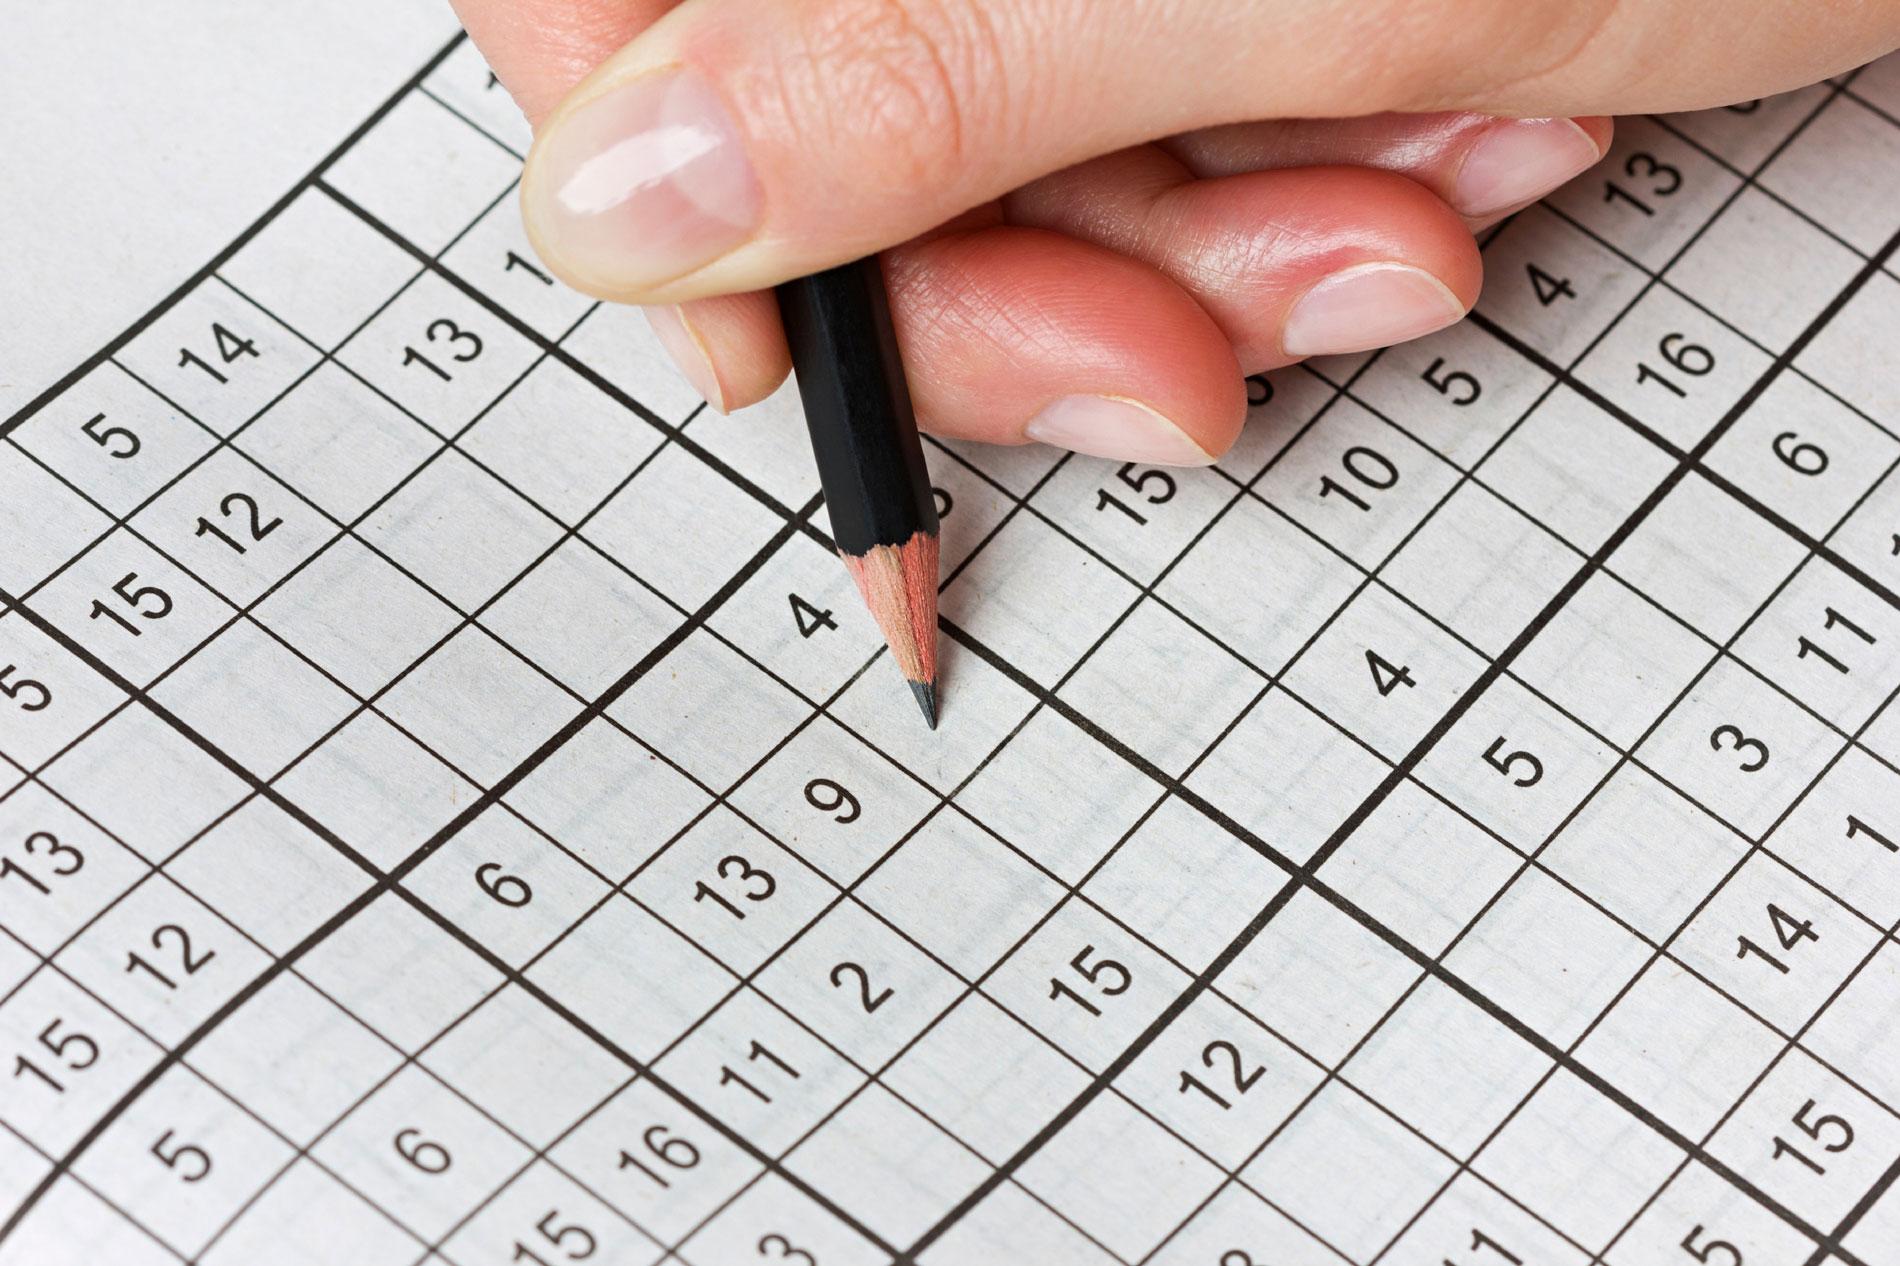 Impression livres jeux sudoku